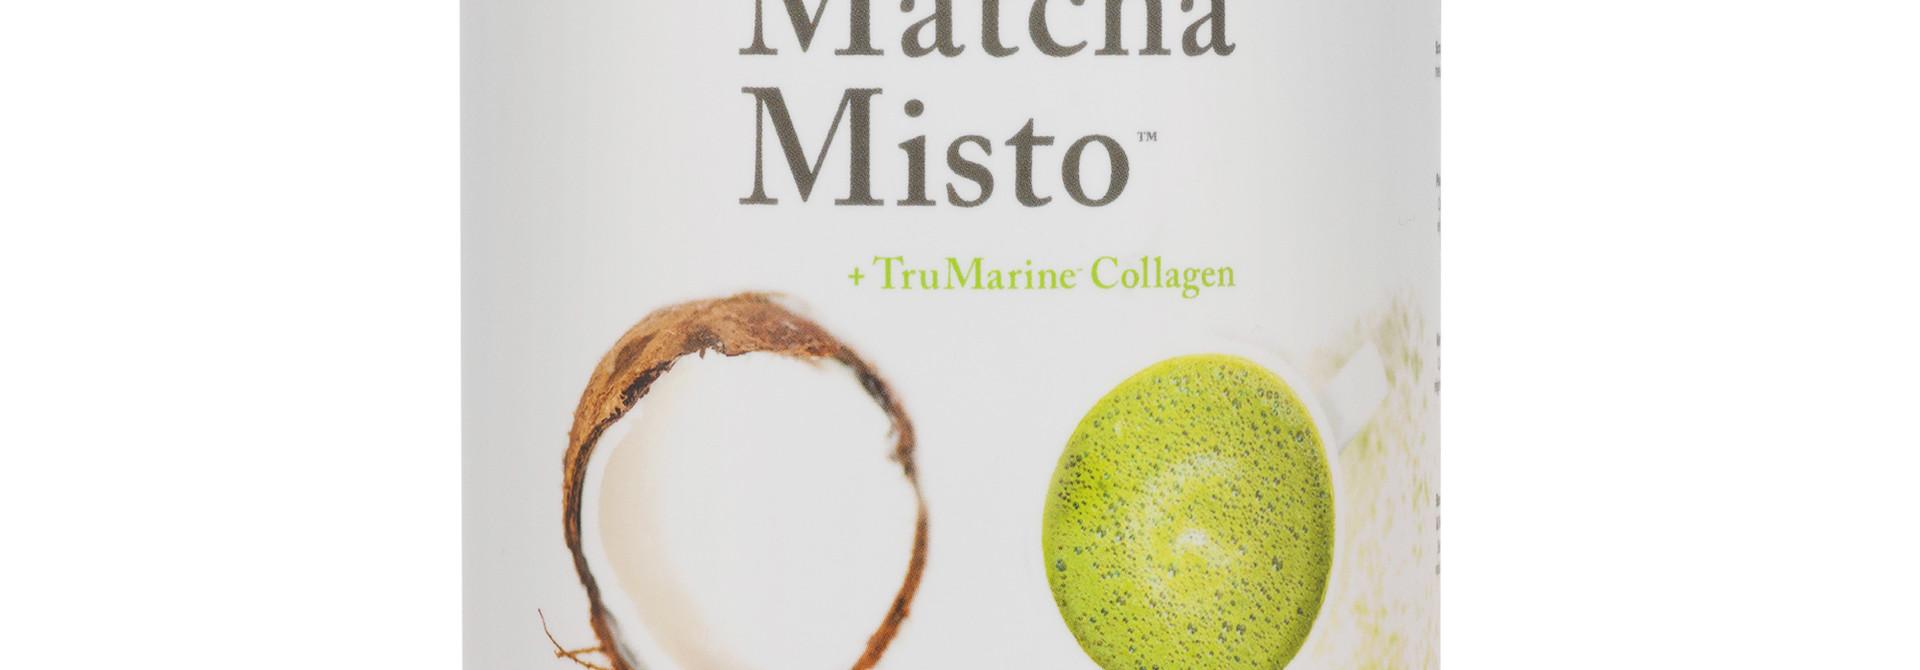 Matcha Misto + Collagen